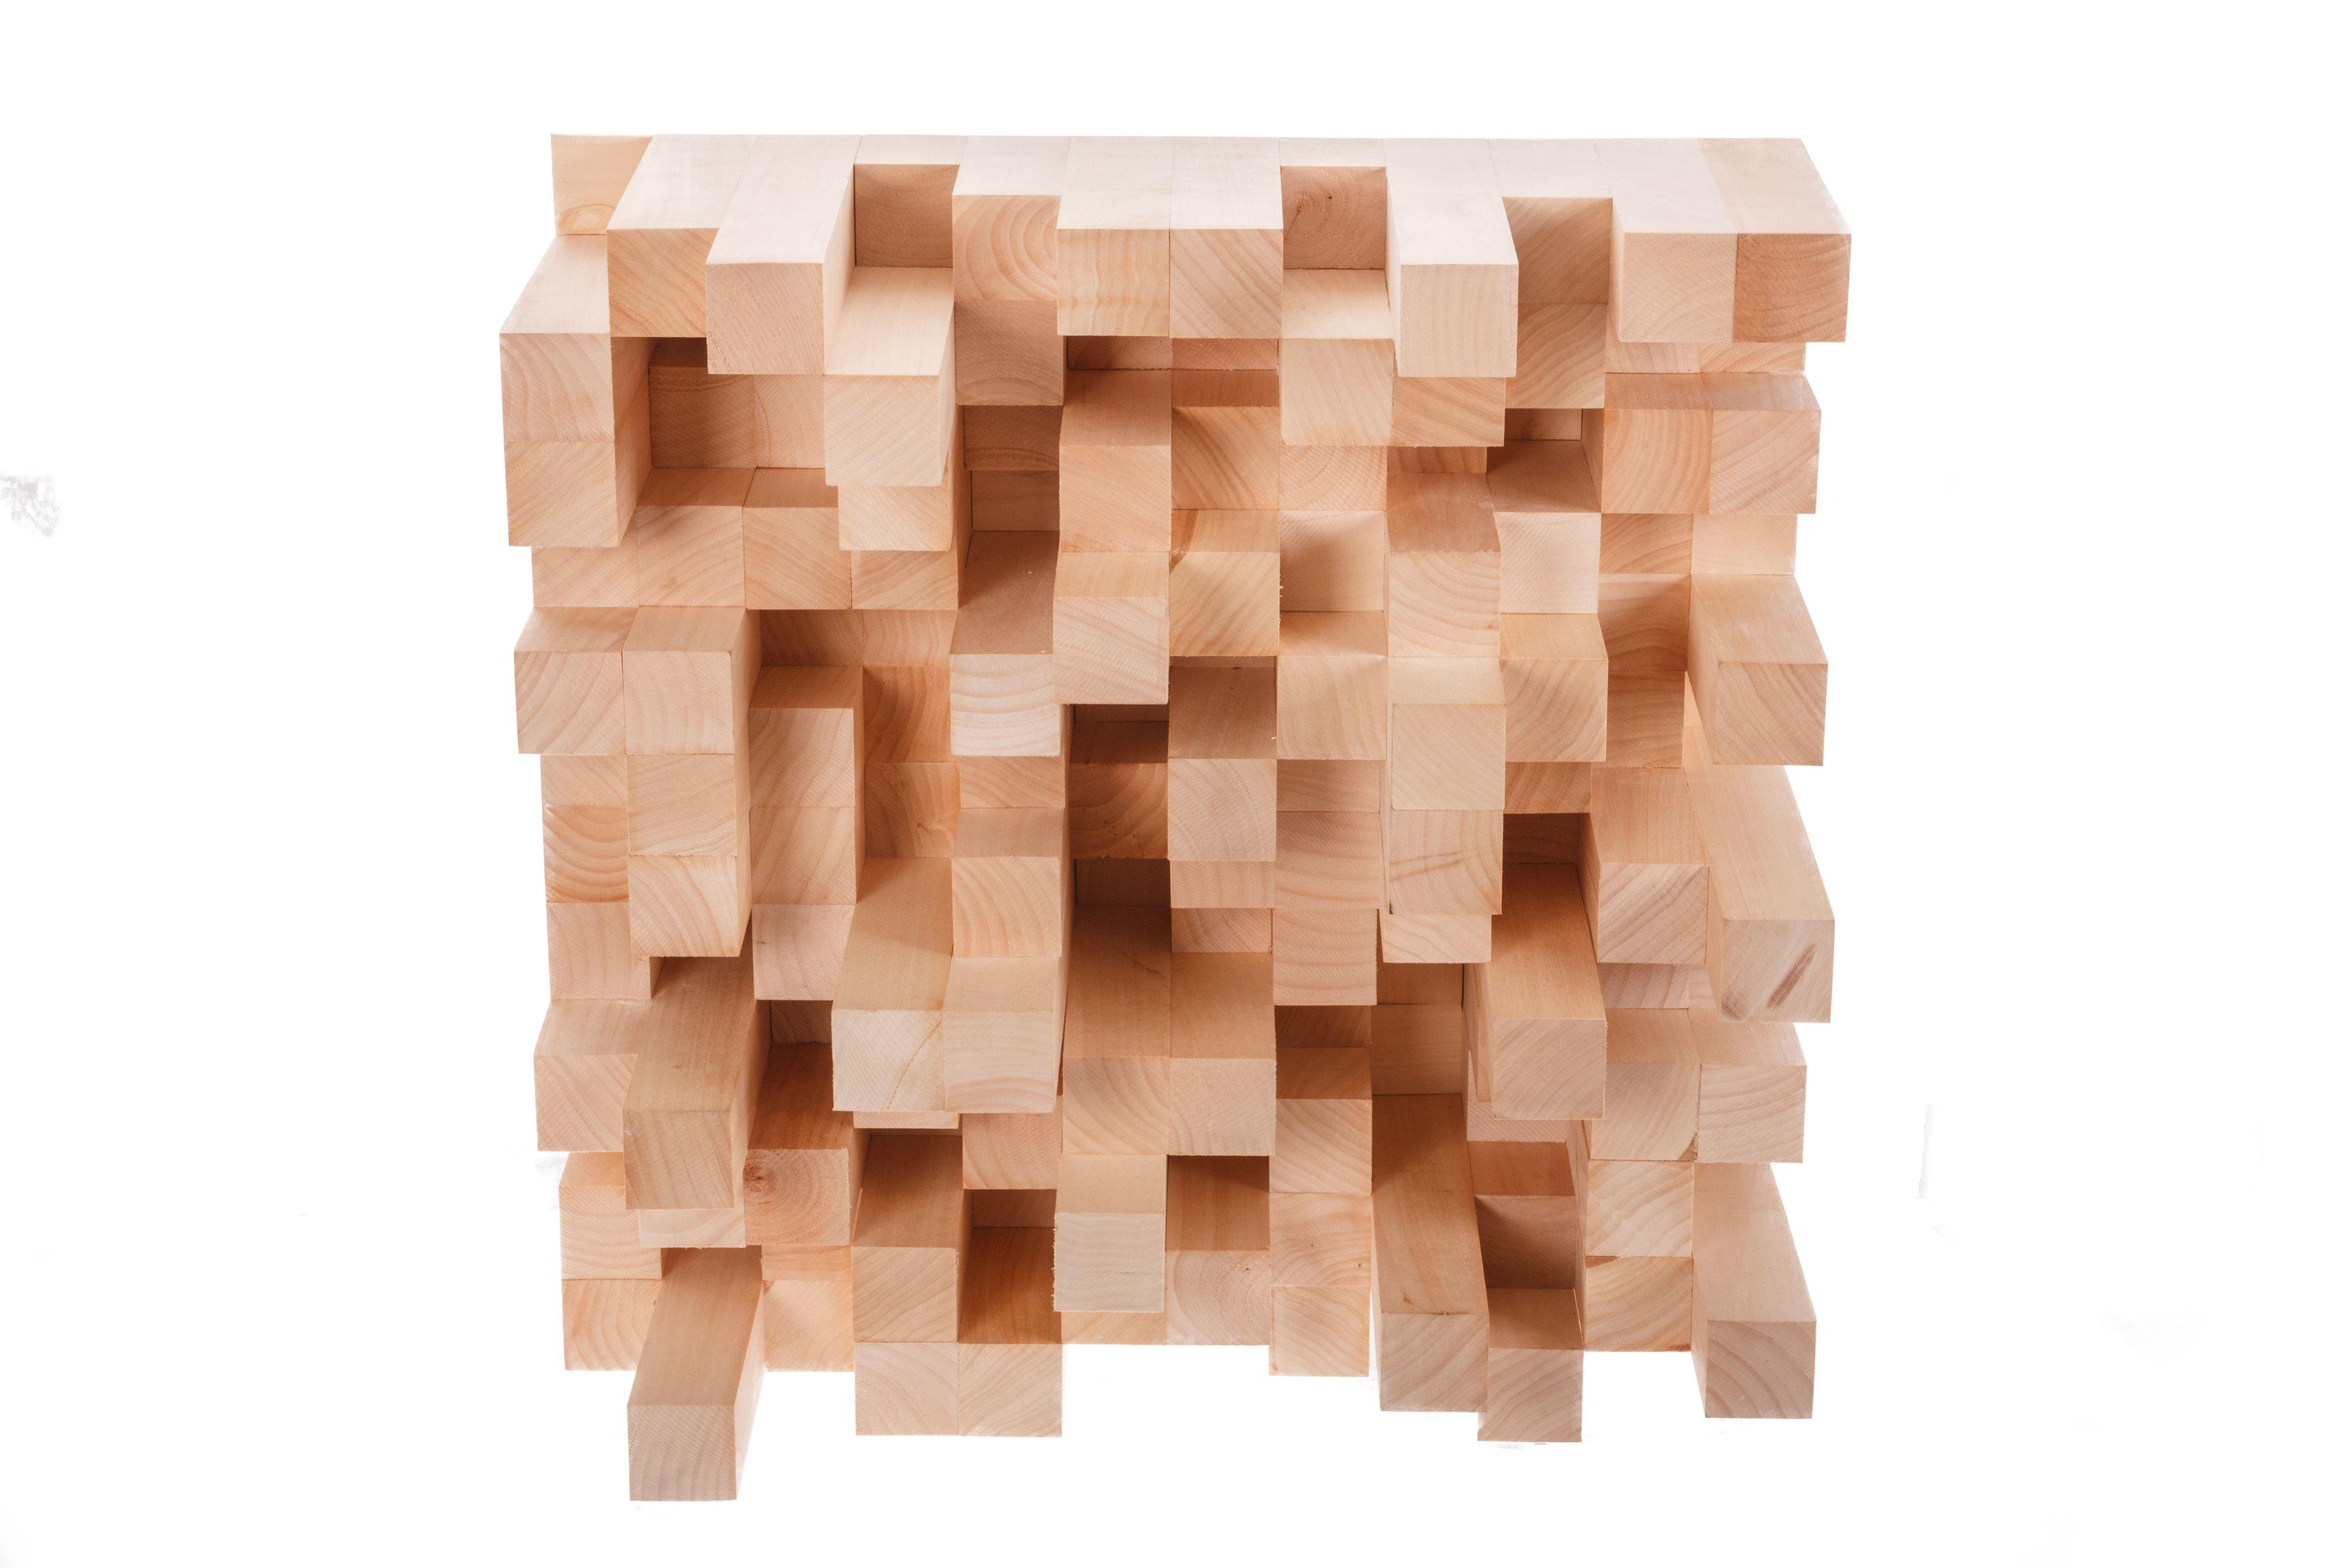 Treblokker på en plate fungerer til å bryte opp lyden.Foto: Shutterstock